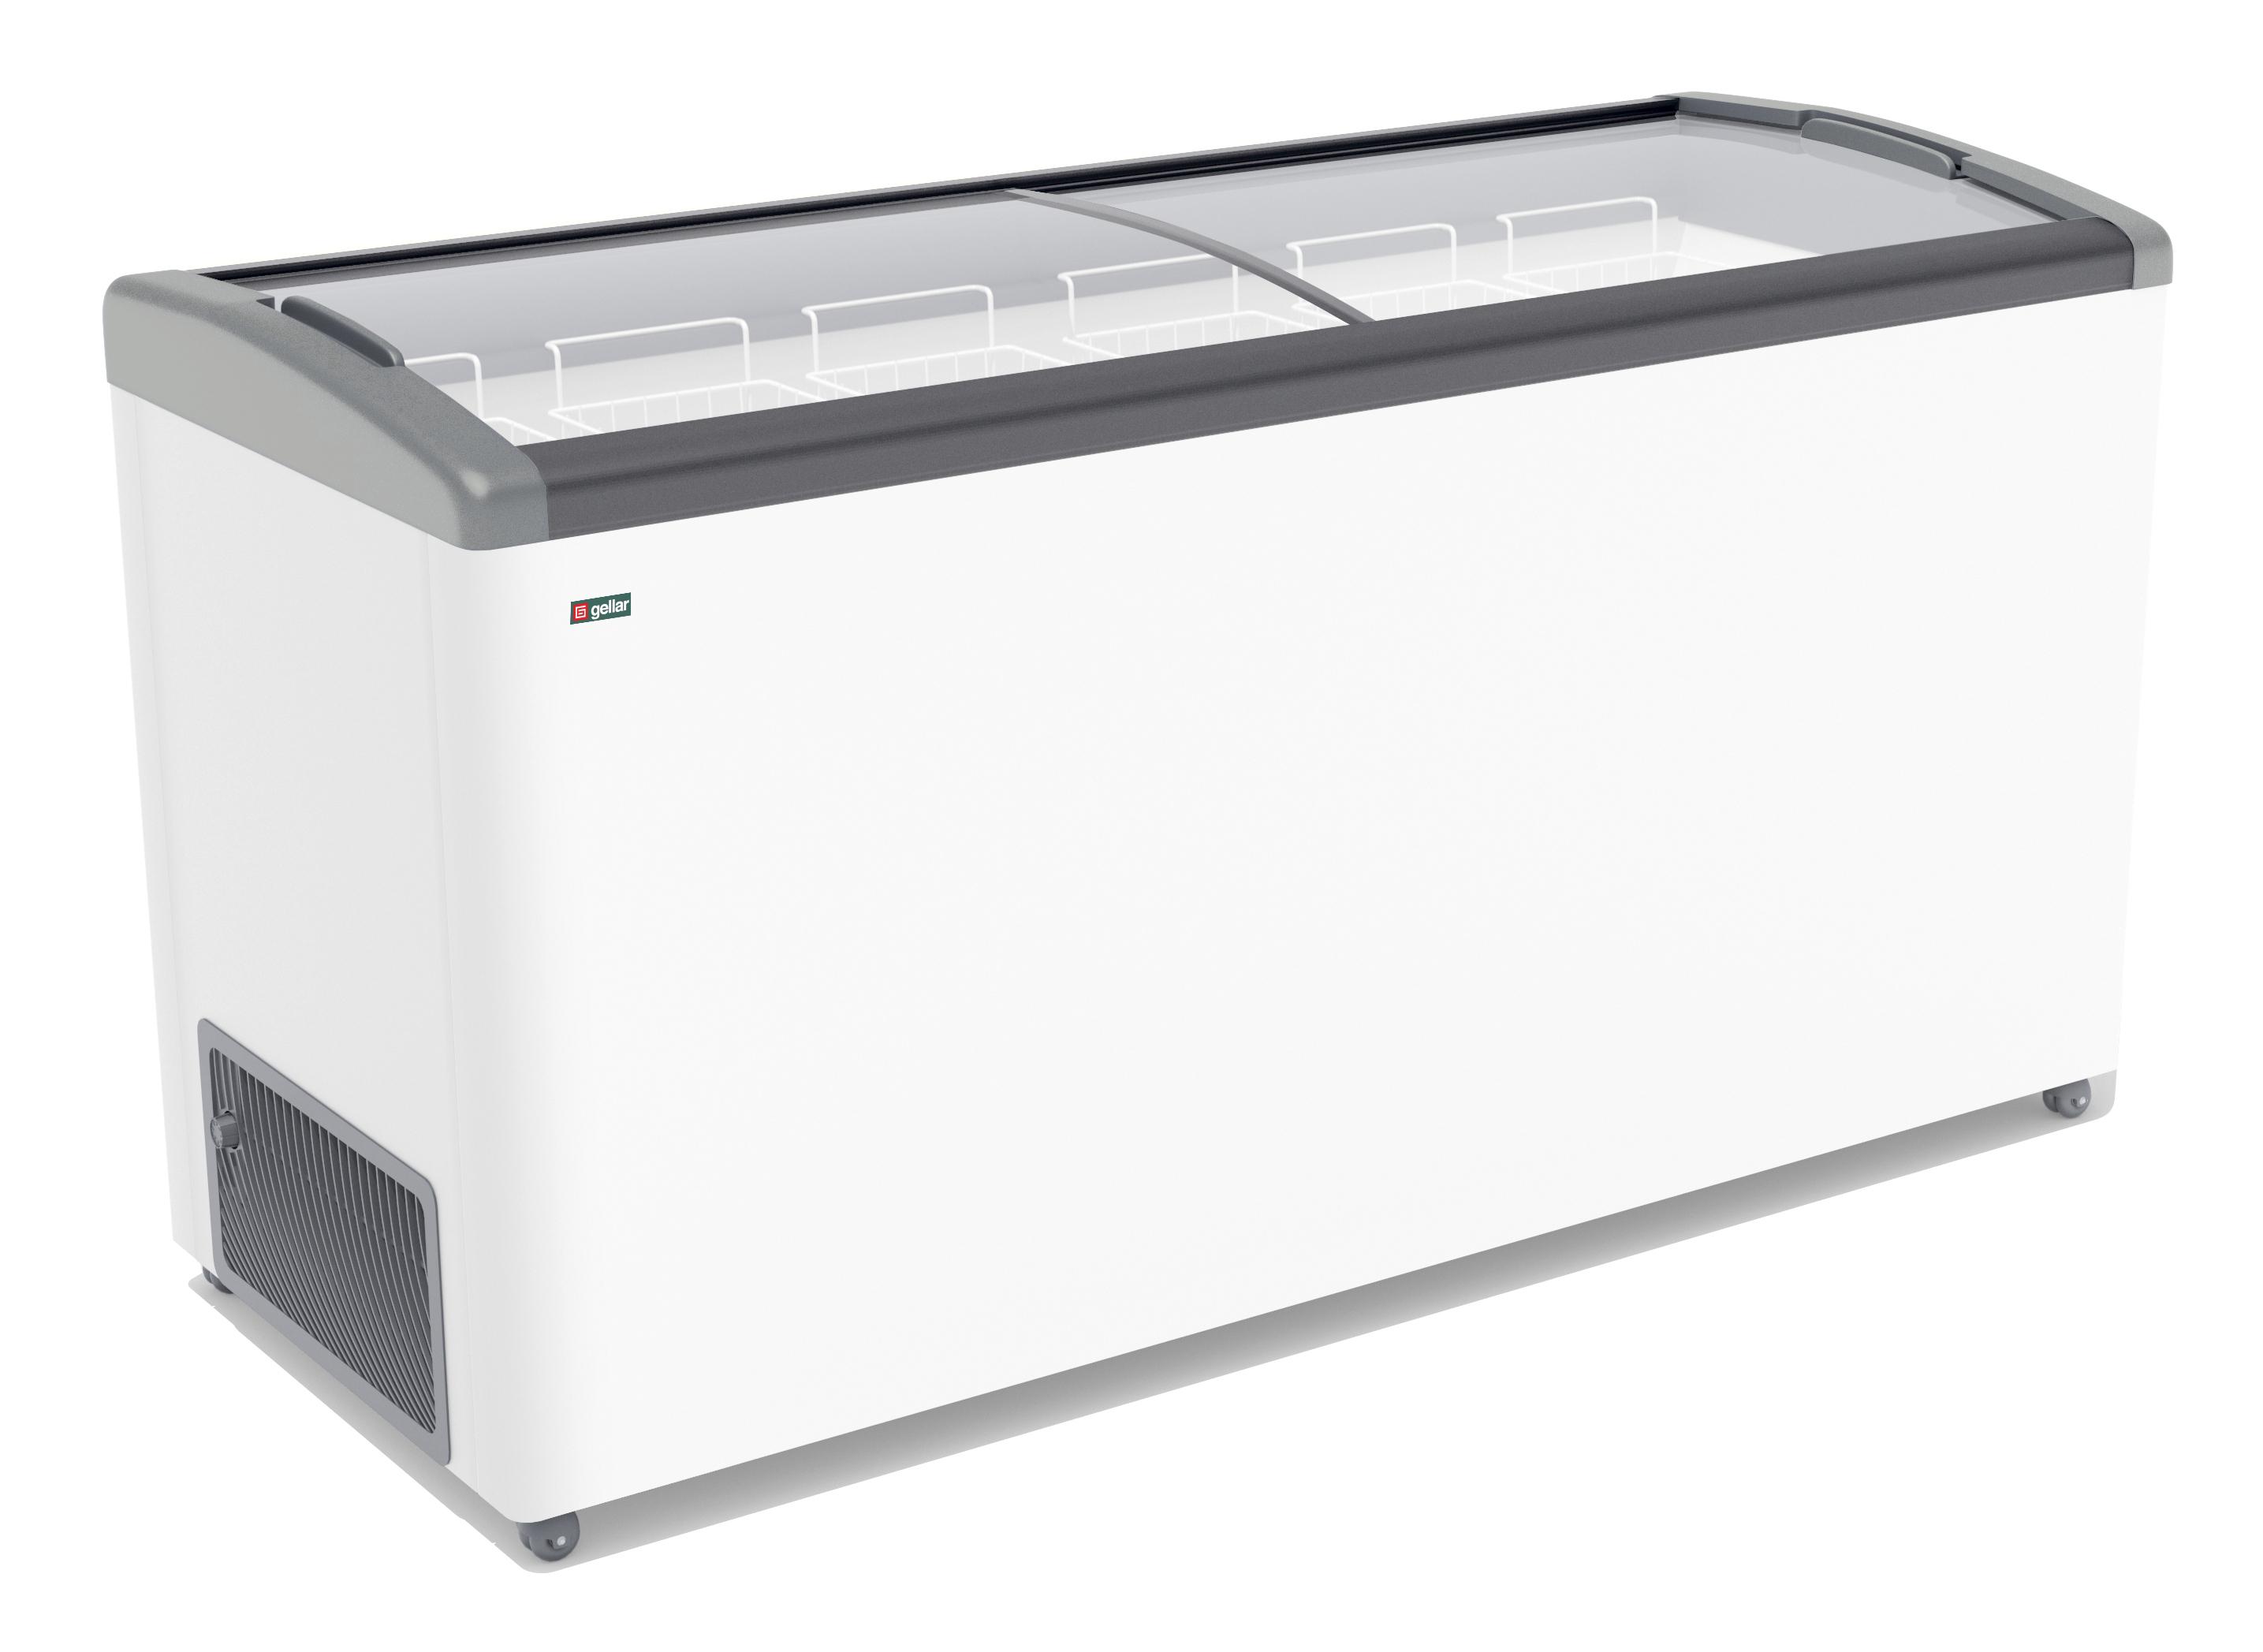 Морозильный ларь ЛВН 700 П Eletto (СF 700 FE) 7 корзин (серый)